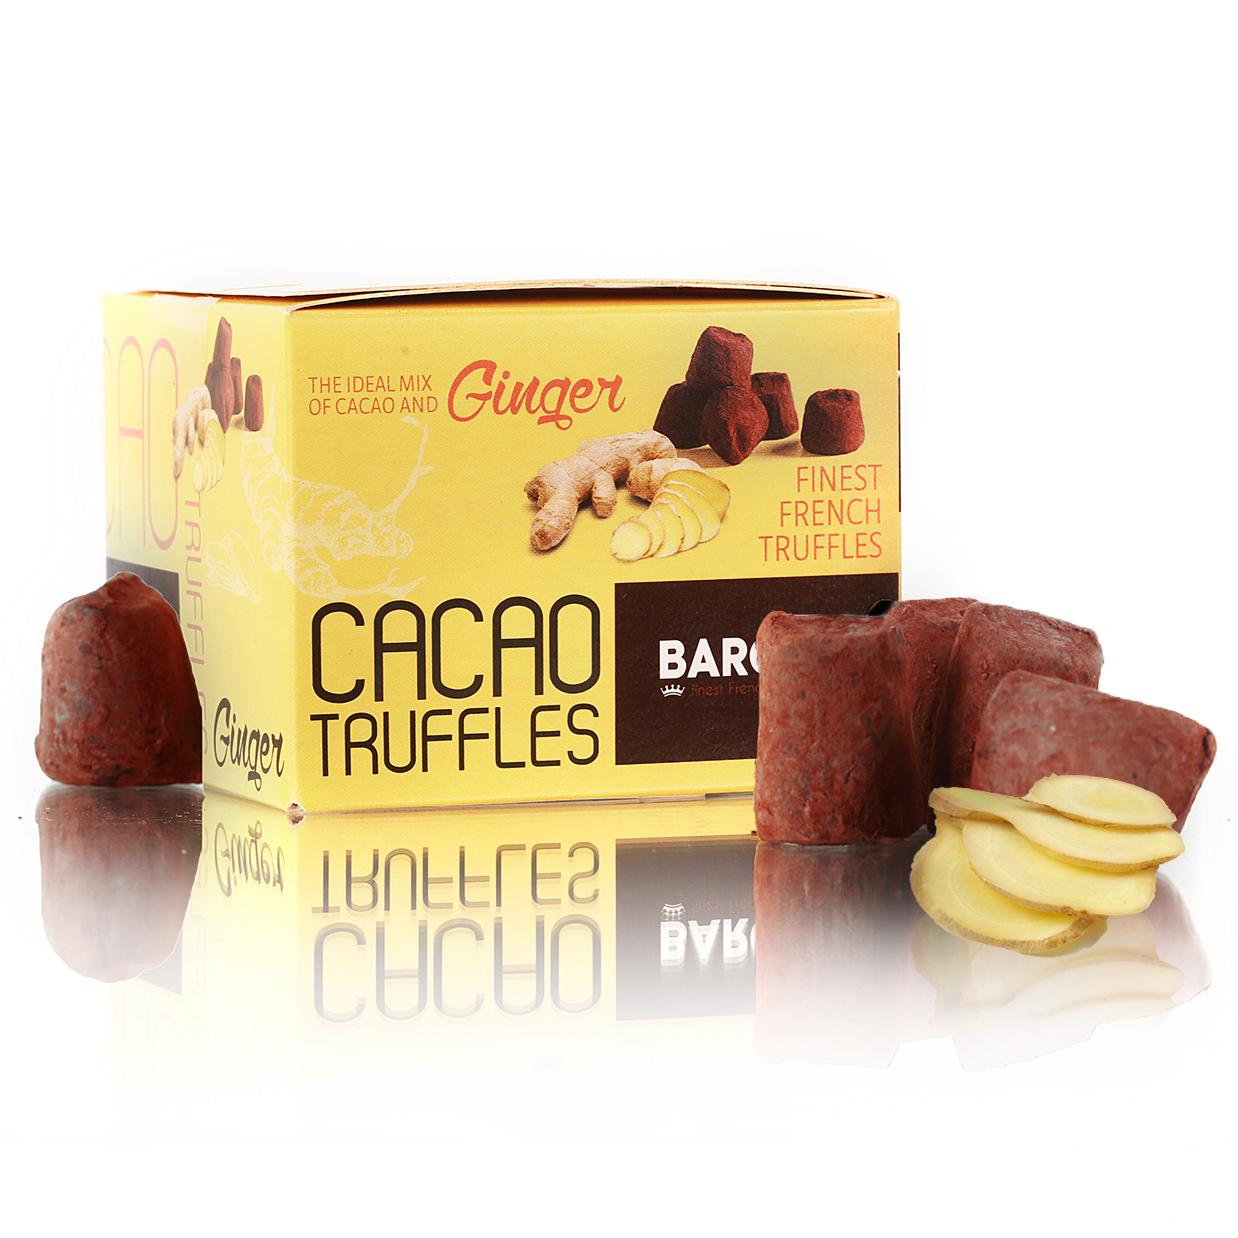 Baron Французские трюфели со вкусом имбиря, 100 г baron brazil конфеты из темного шоколада с апельсиновой начинкой 100 г